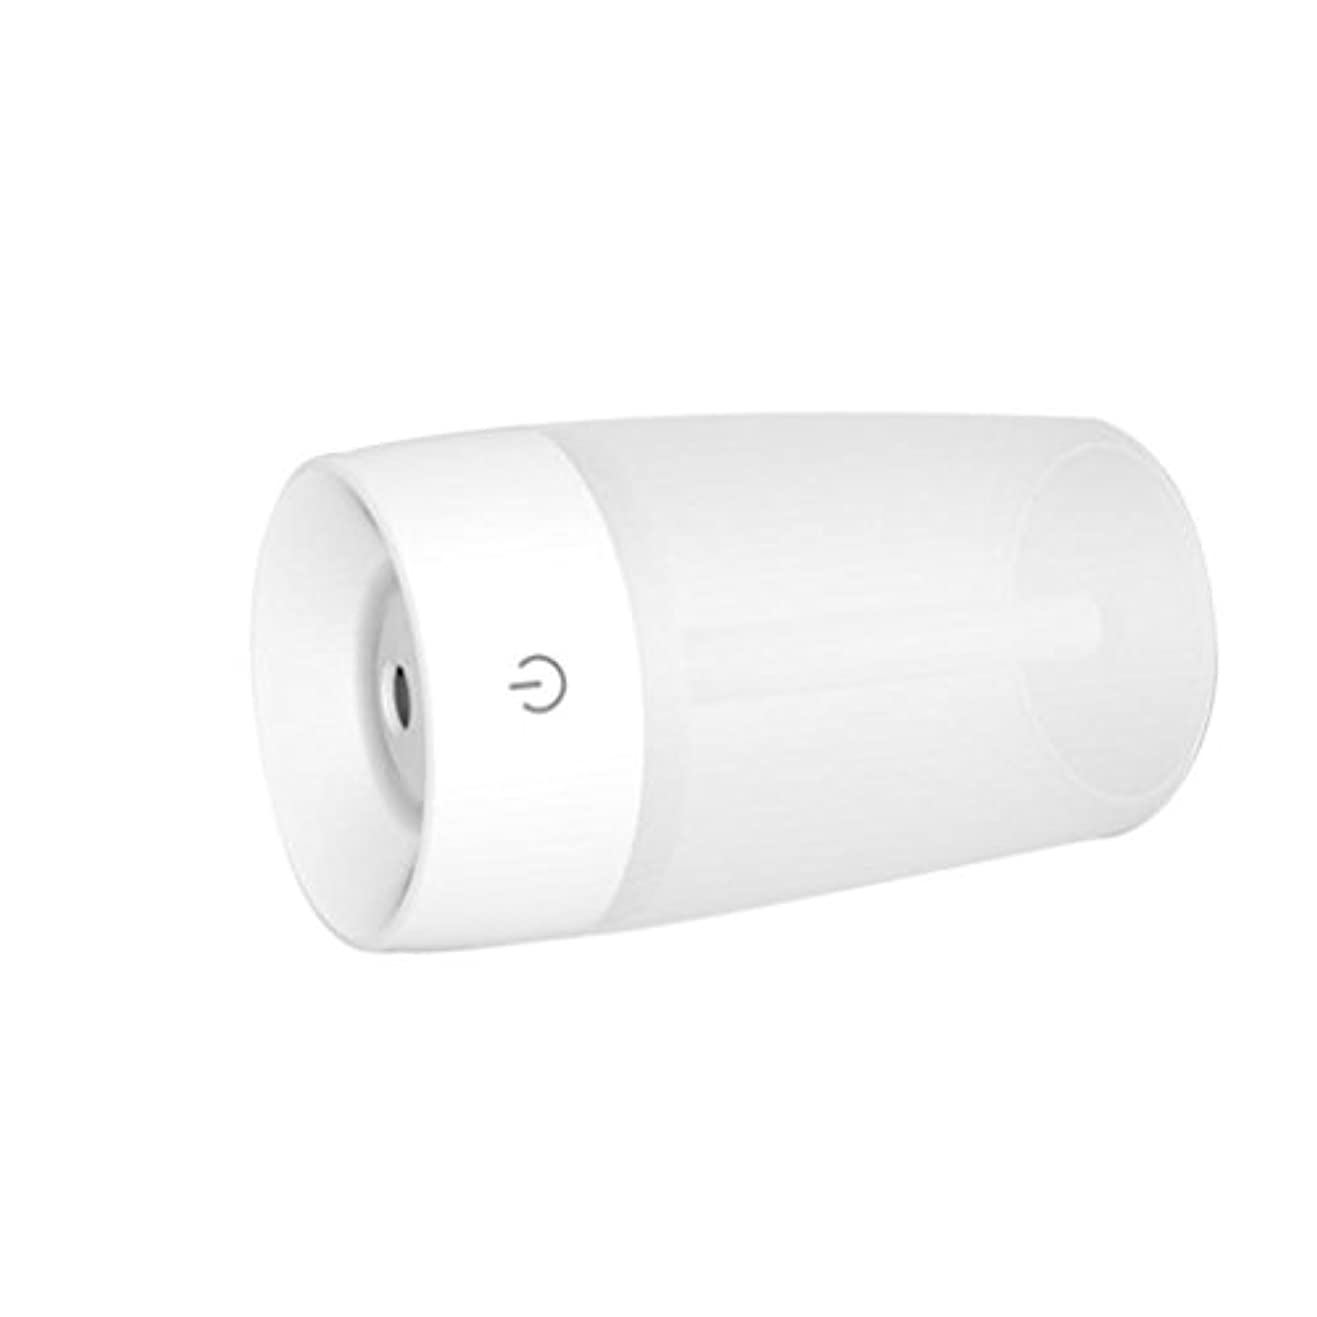 他の場所ルーうまくやる()加湿器 USB カップ形状 ポータブル アロマディフューザー 空気 アトマイザー 全3色 - 白い